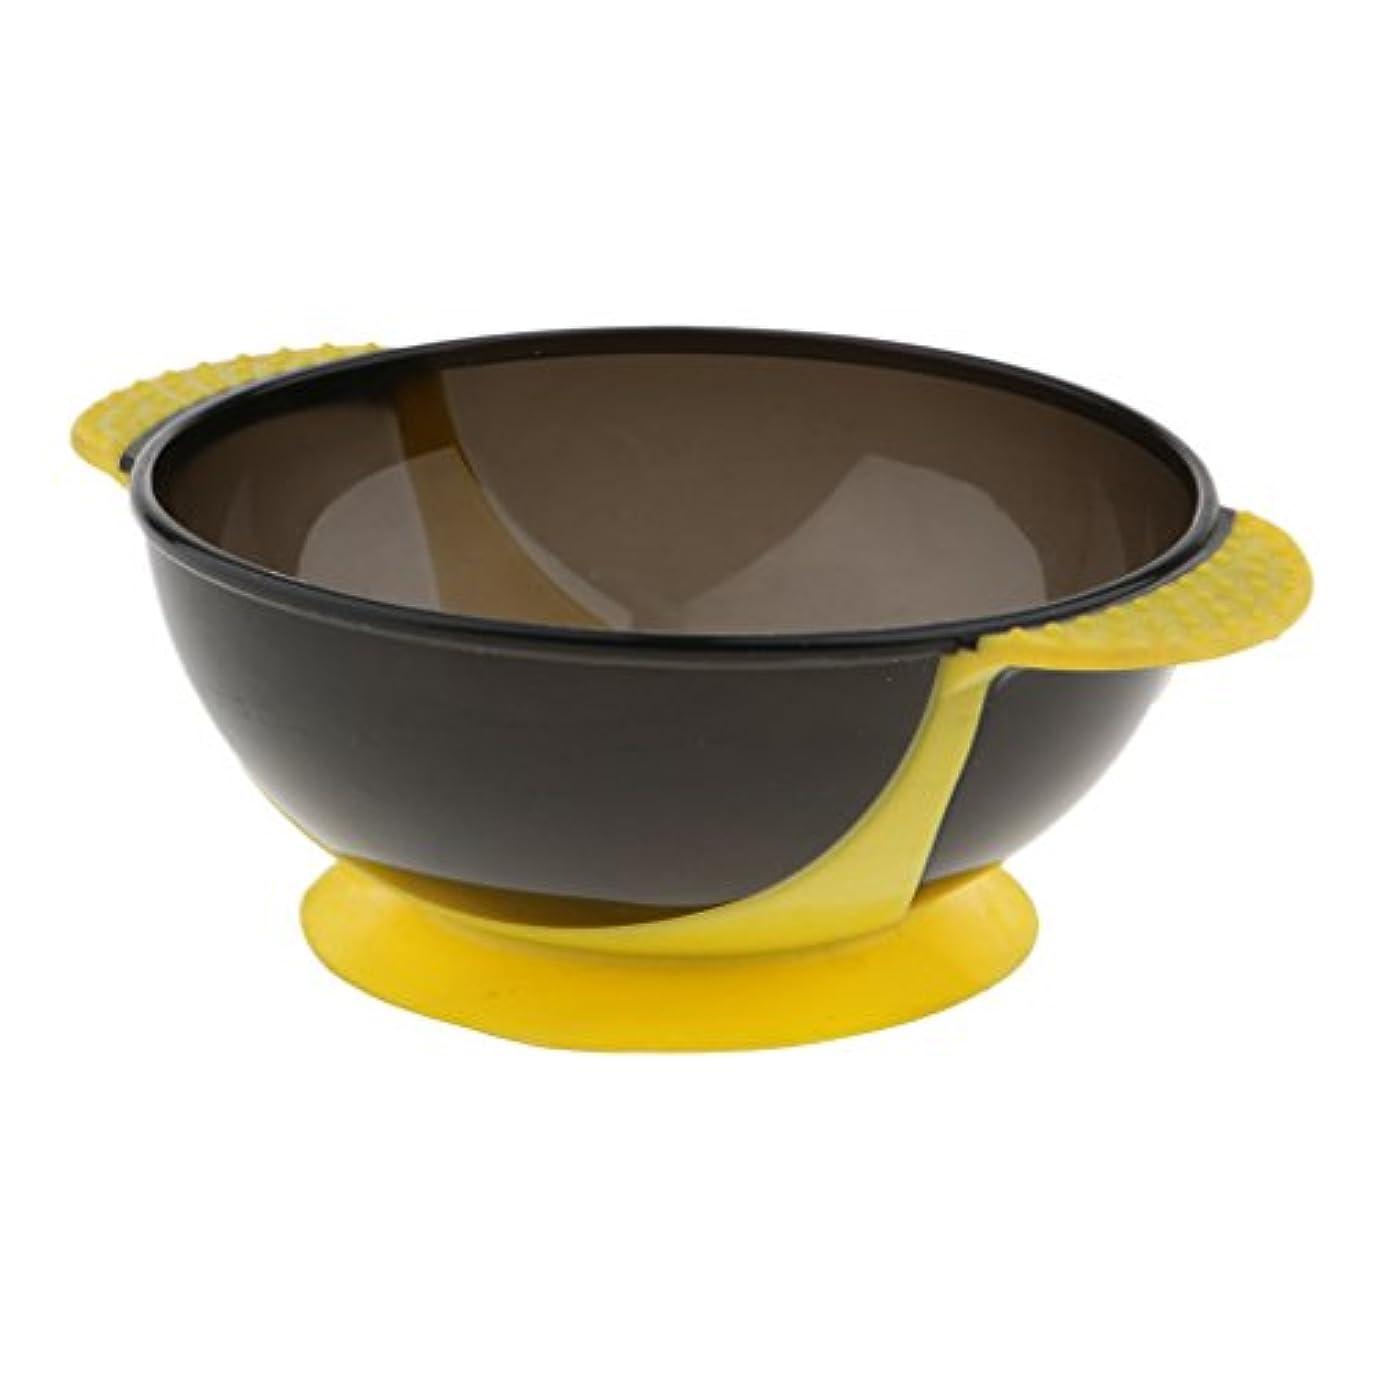 ペルメルペインティングパースブラックボロウDYNWAVE ヘアダイボウル 髪染めボウル ヘアカラー ヘアカラーカップ 着色ツール 吸引ベース 実用性 全3色 - 黄